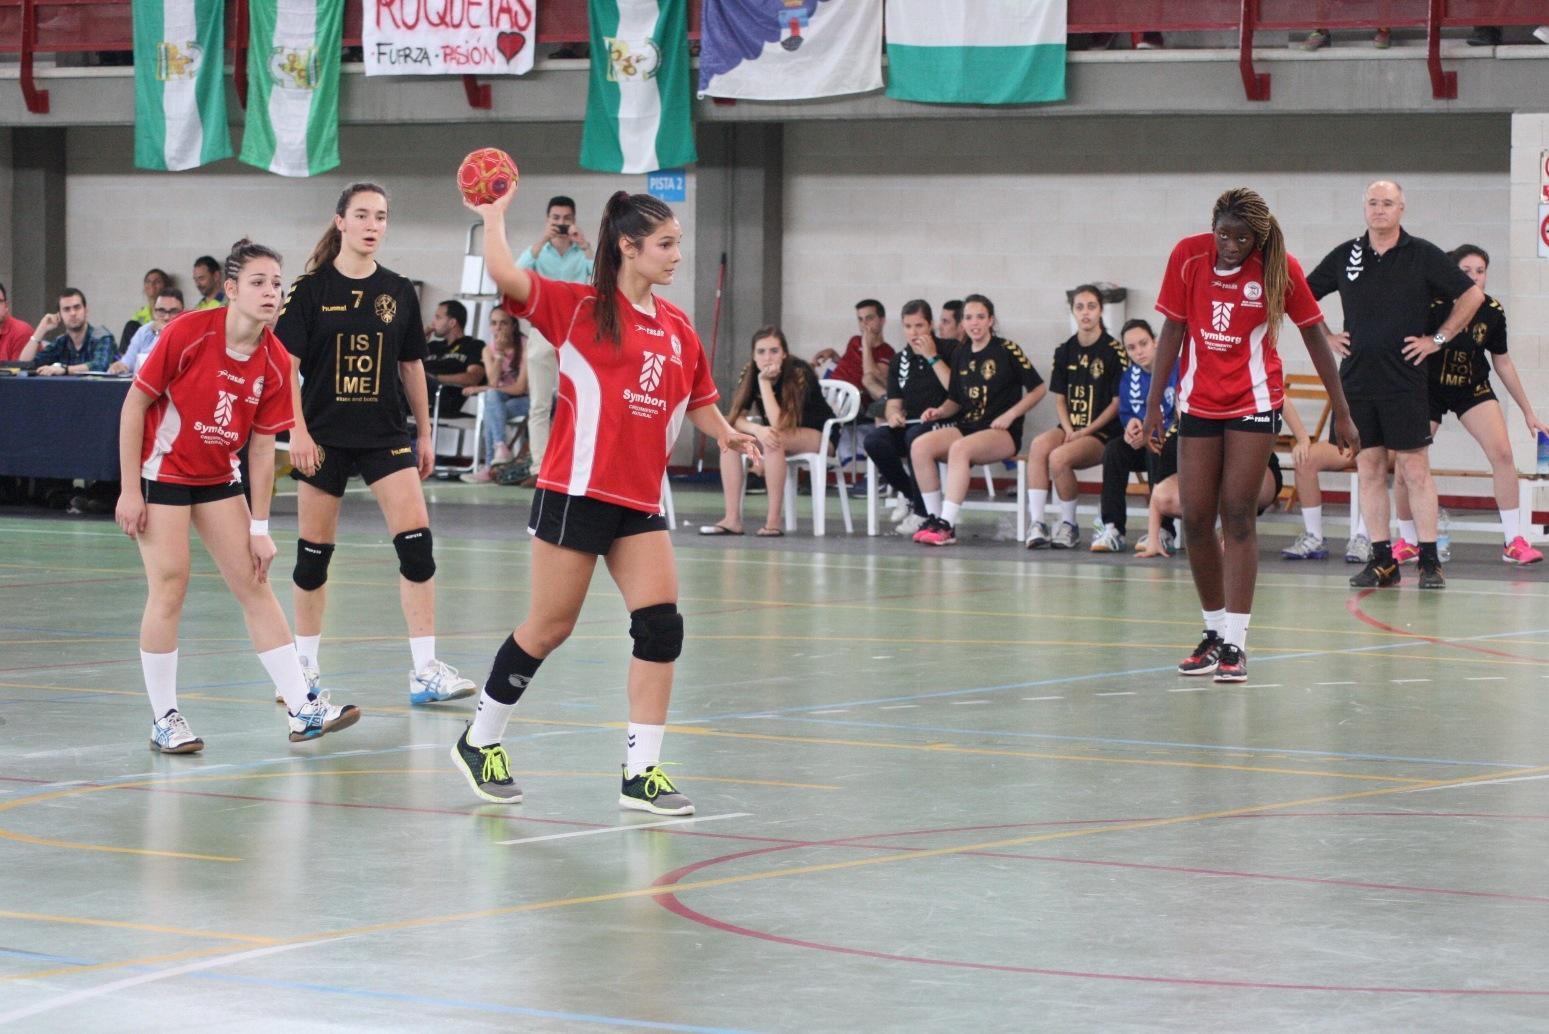 8df7c15cd0 Diez jugadoras roqueteras son convocadas por la selección andaluza de  balonmano